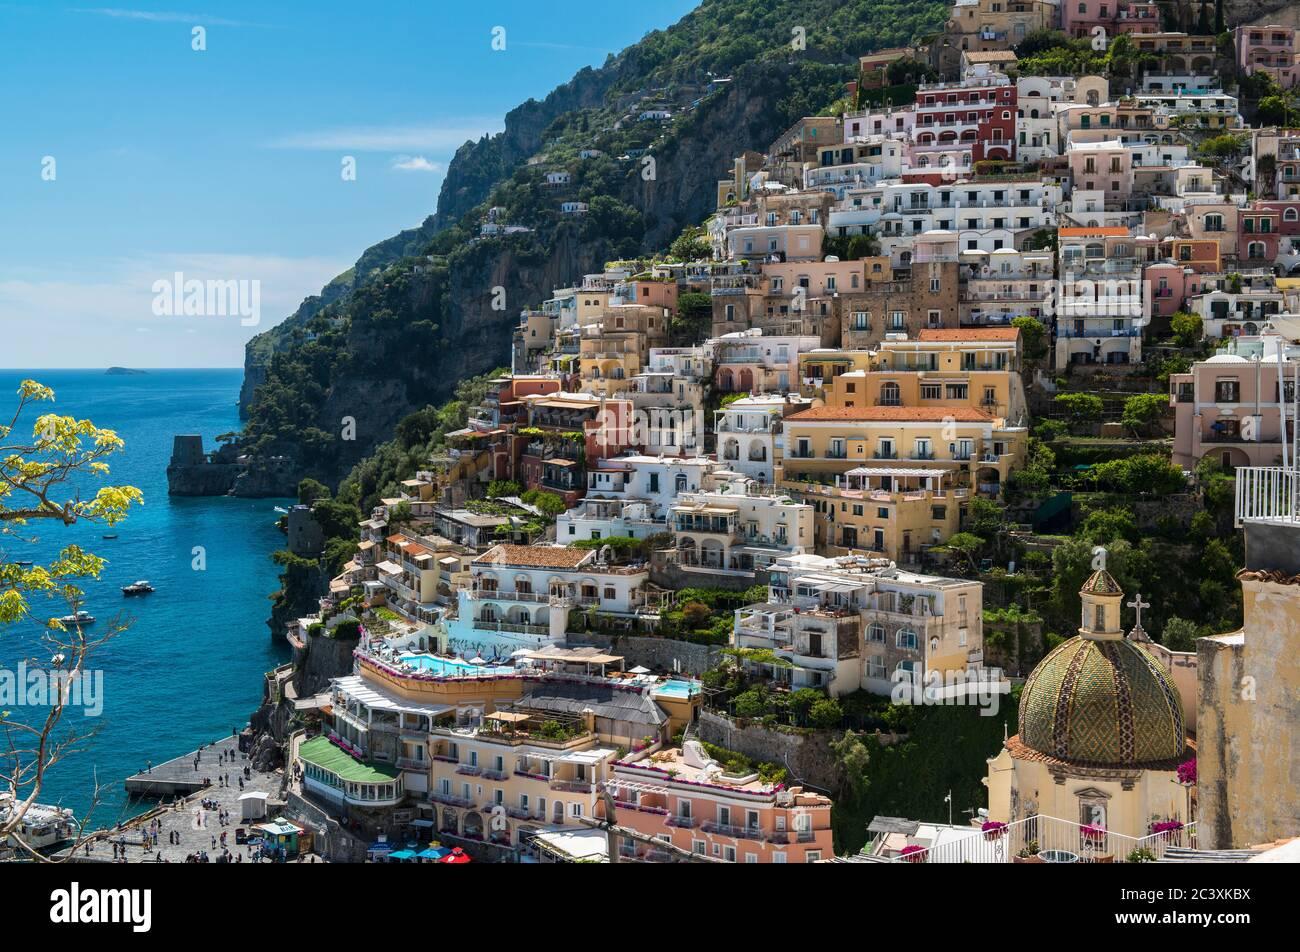 Maisons italiennes traditionnelles colorées, rues étroites et escarpées, village de Cliffside, Positano, côte amalfitaine, Italie Banque D'Images